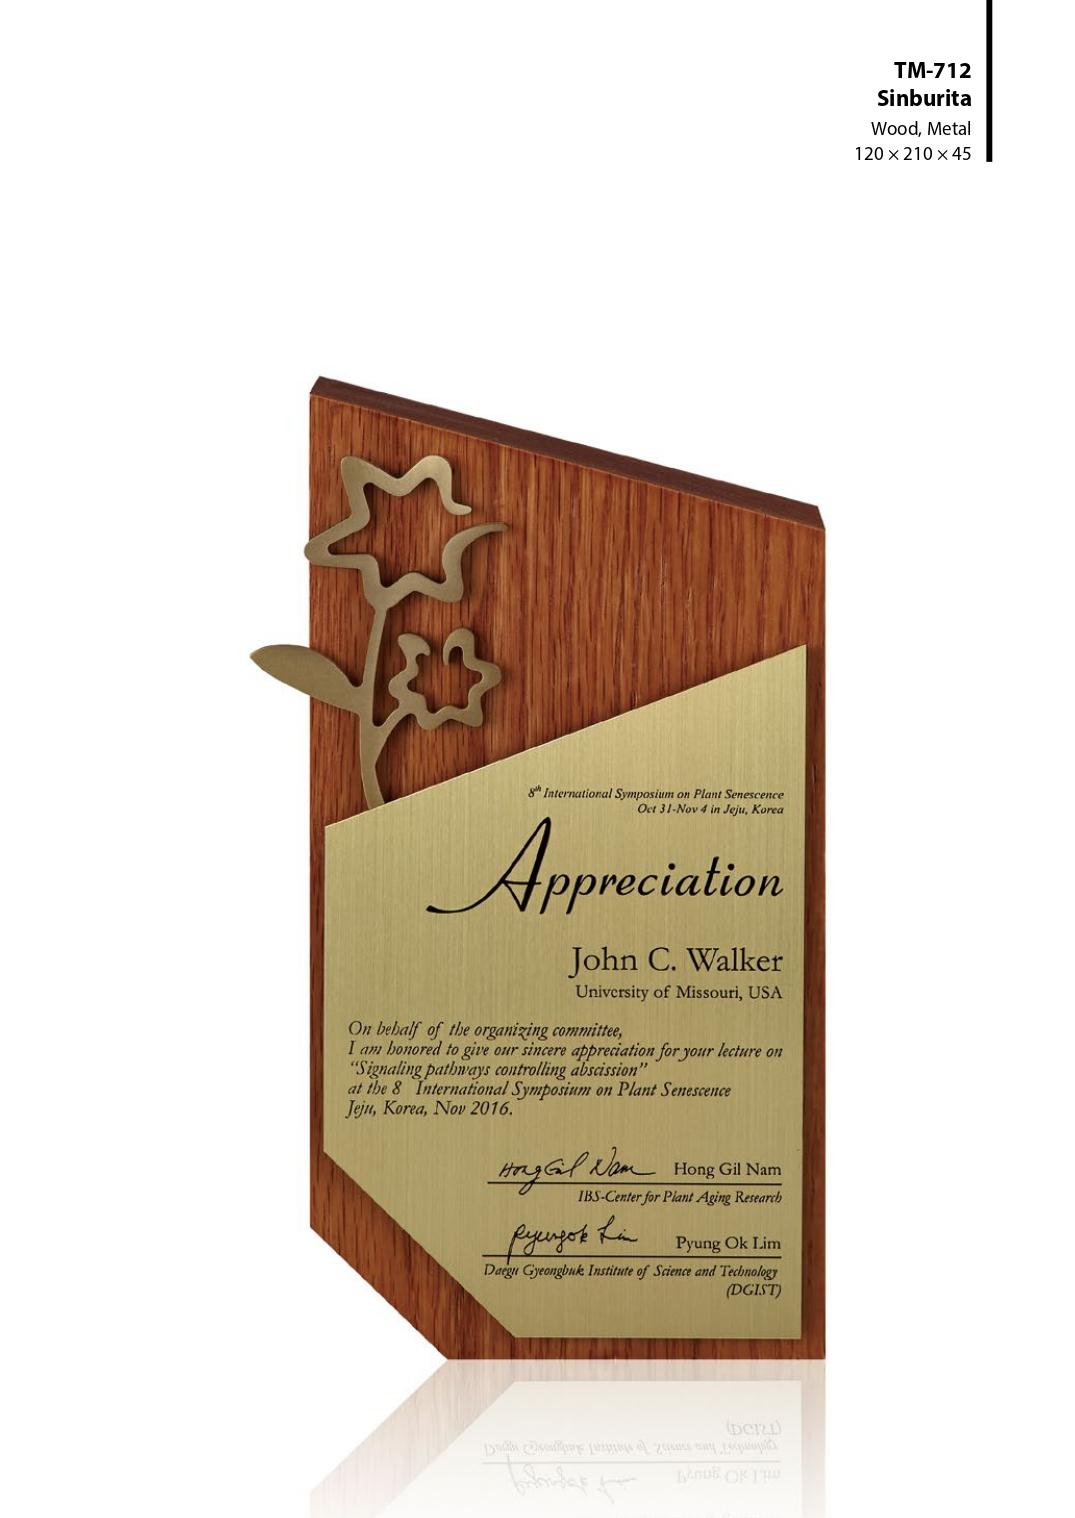 KLPK42010 영어감사패문구 나무공로패 감사패제작 상패 트로피 판촉물 제작 케이엘피코리아